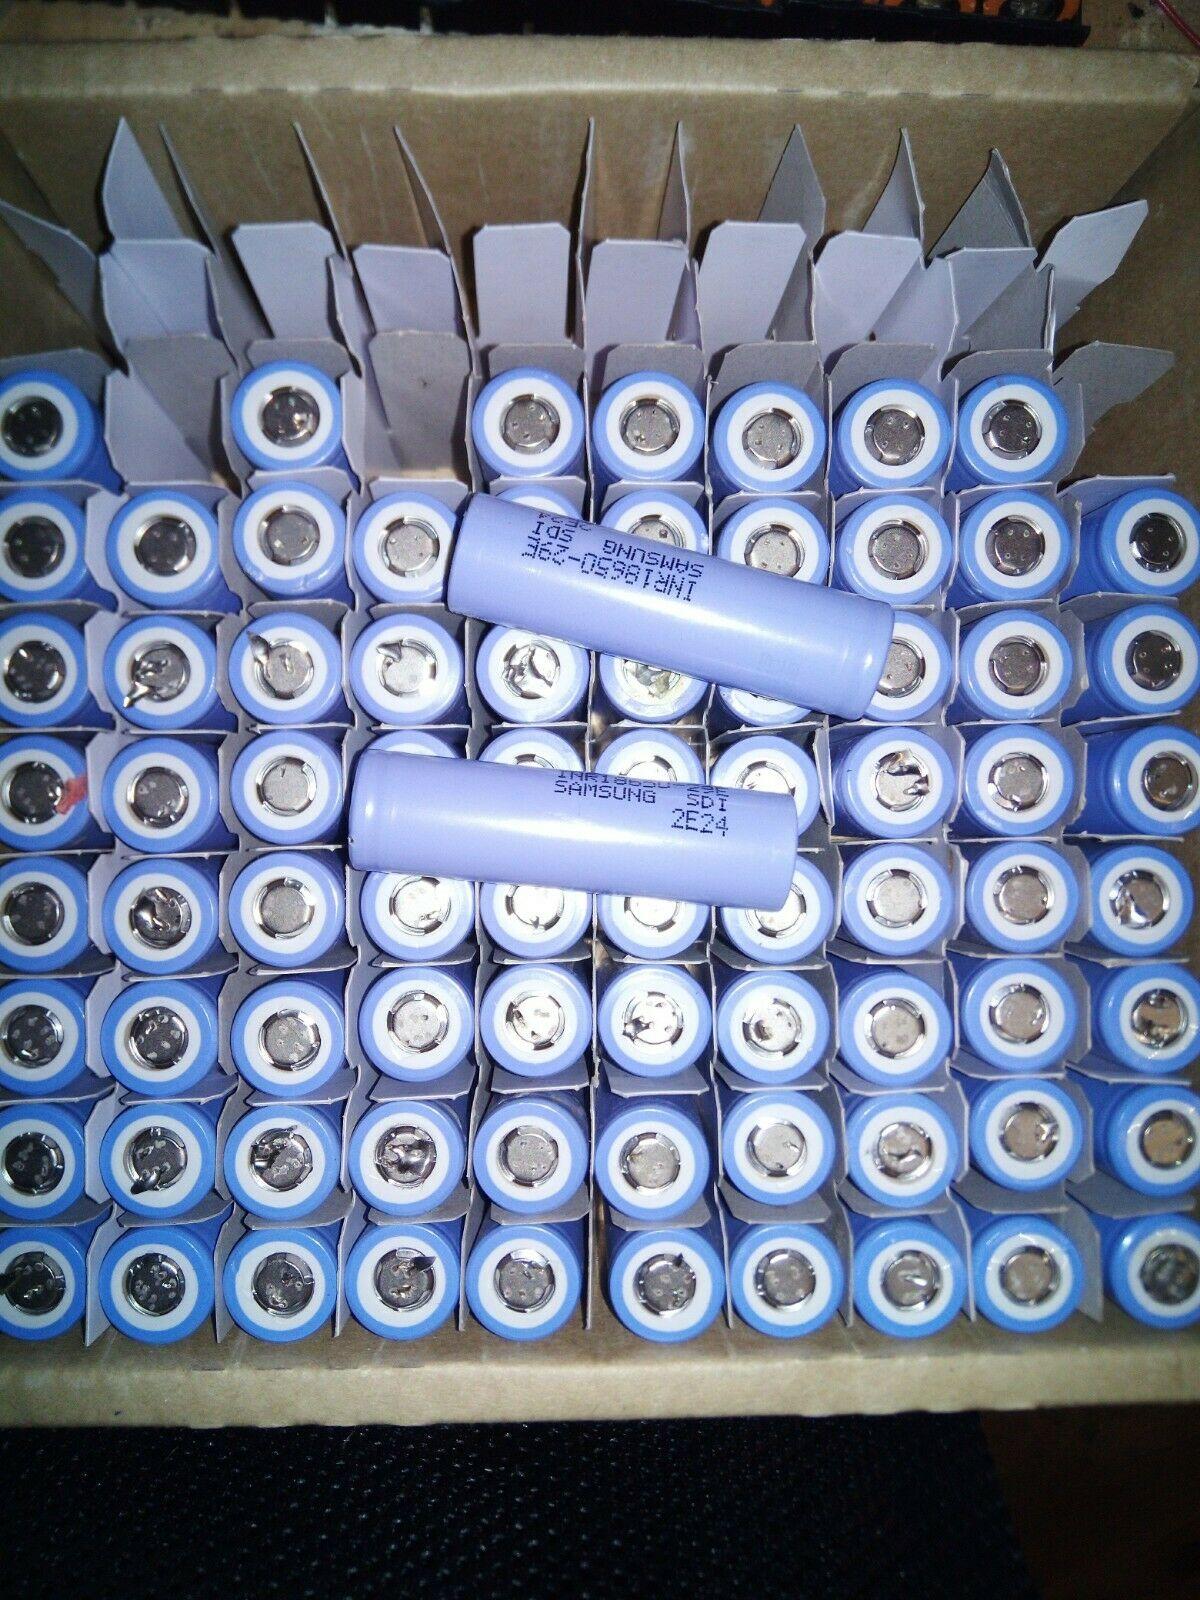 http://www.energialternativa.info/public/newforum/ForumEA/T/s-l1600_3.jpg